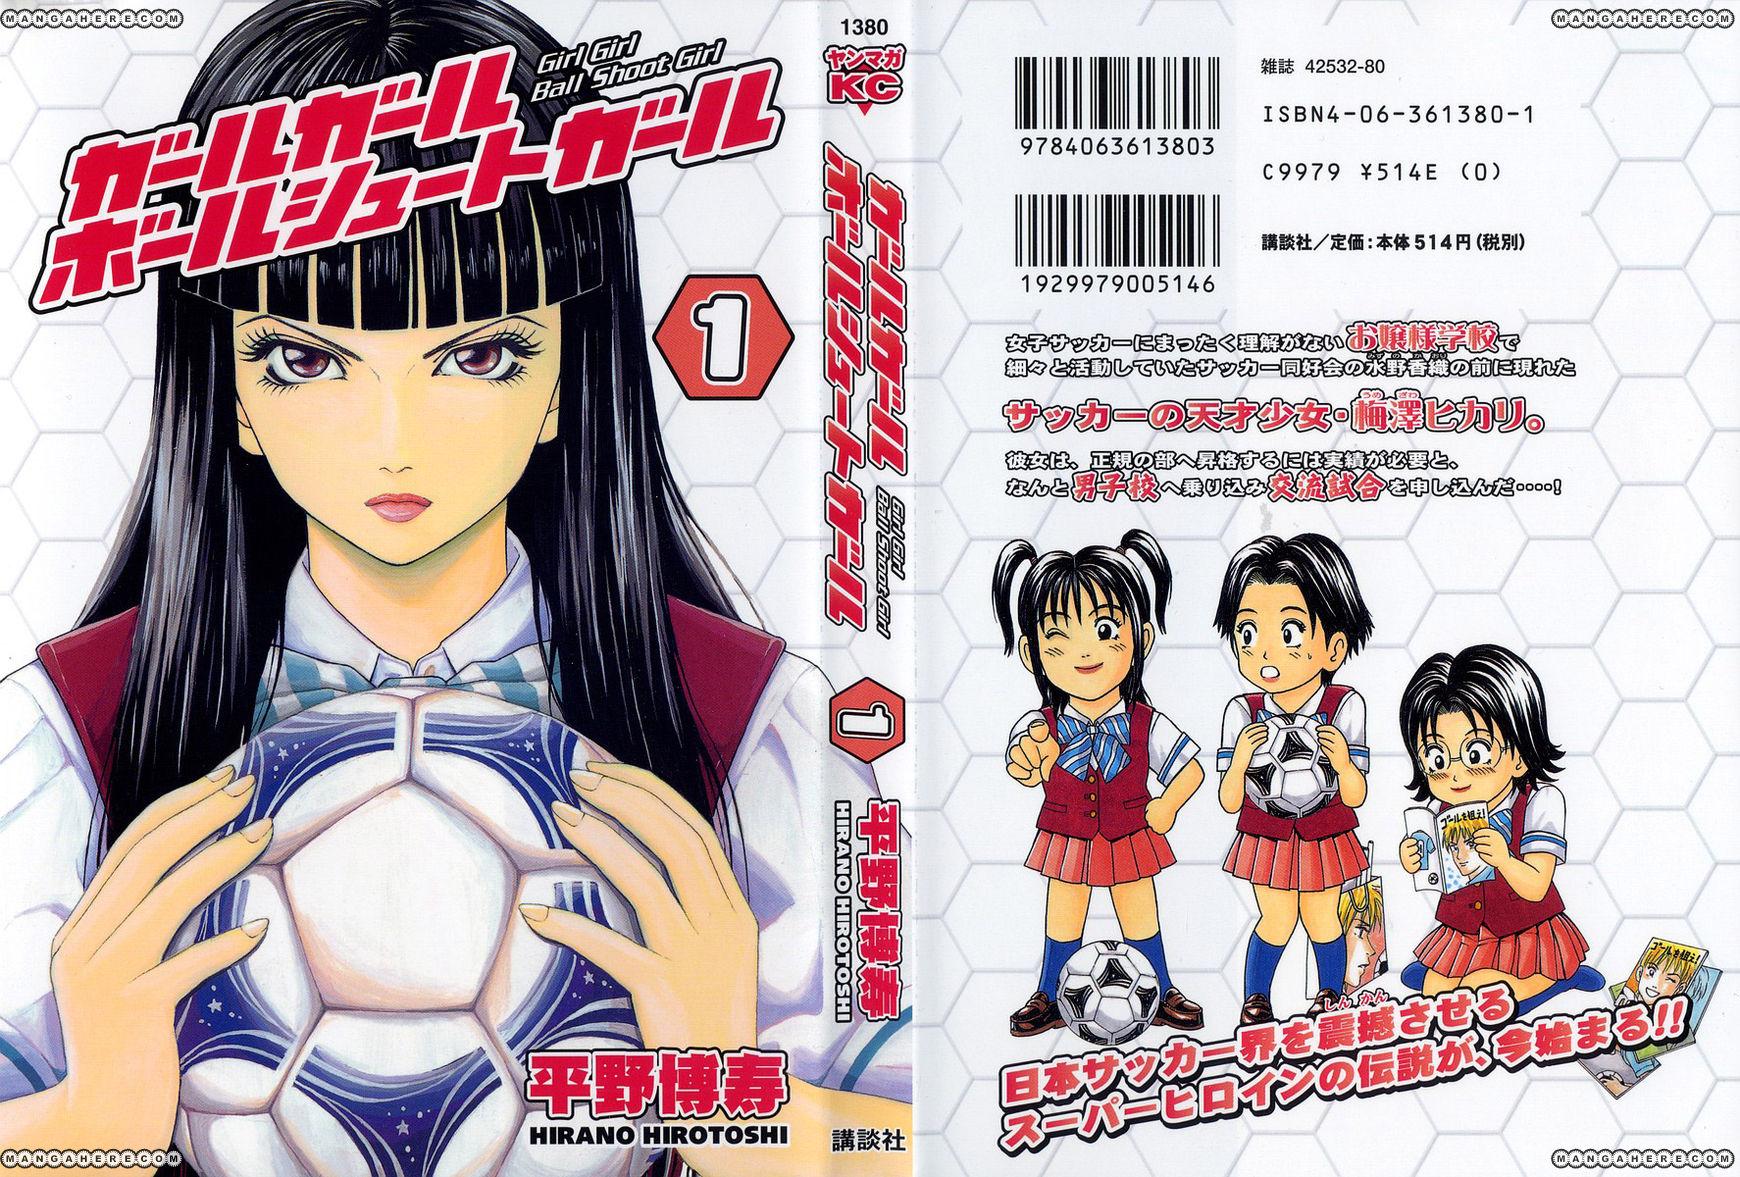 Girl Girl Ball Shoot Girl 1 Page 2